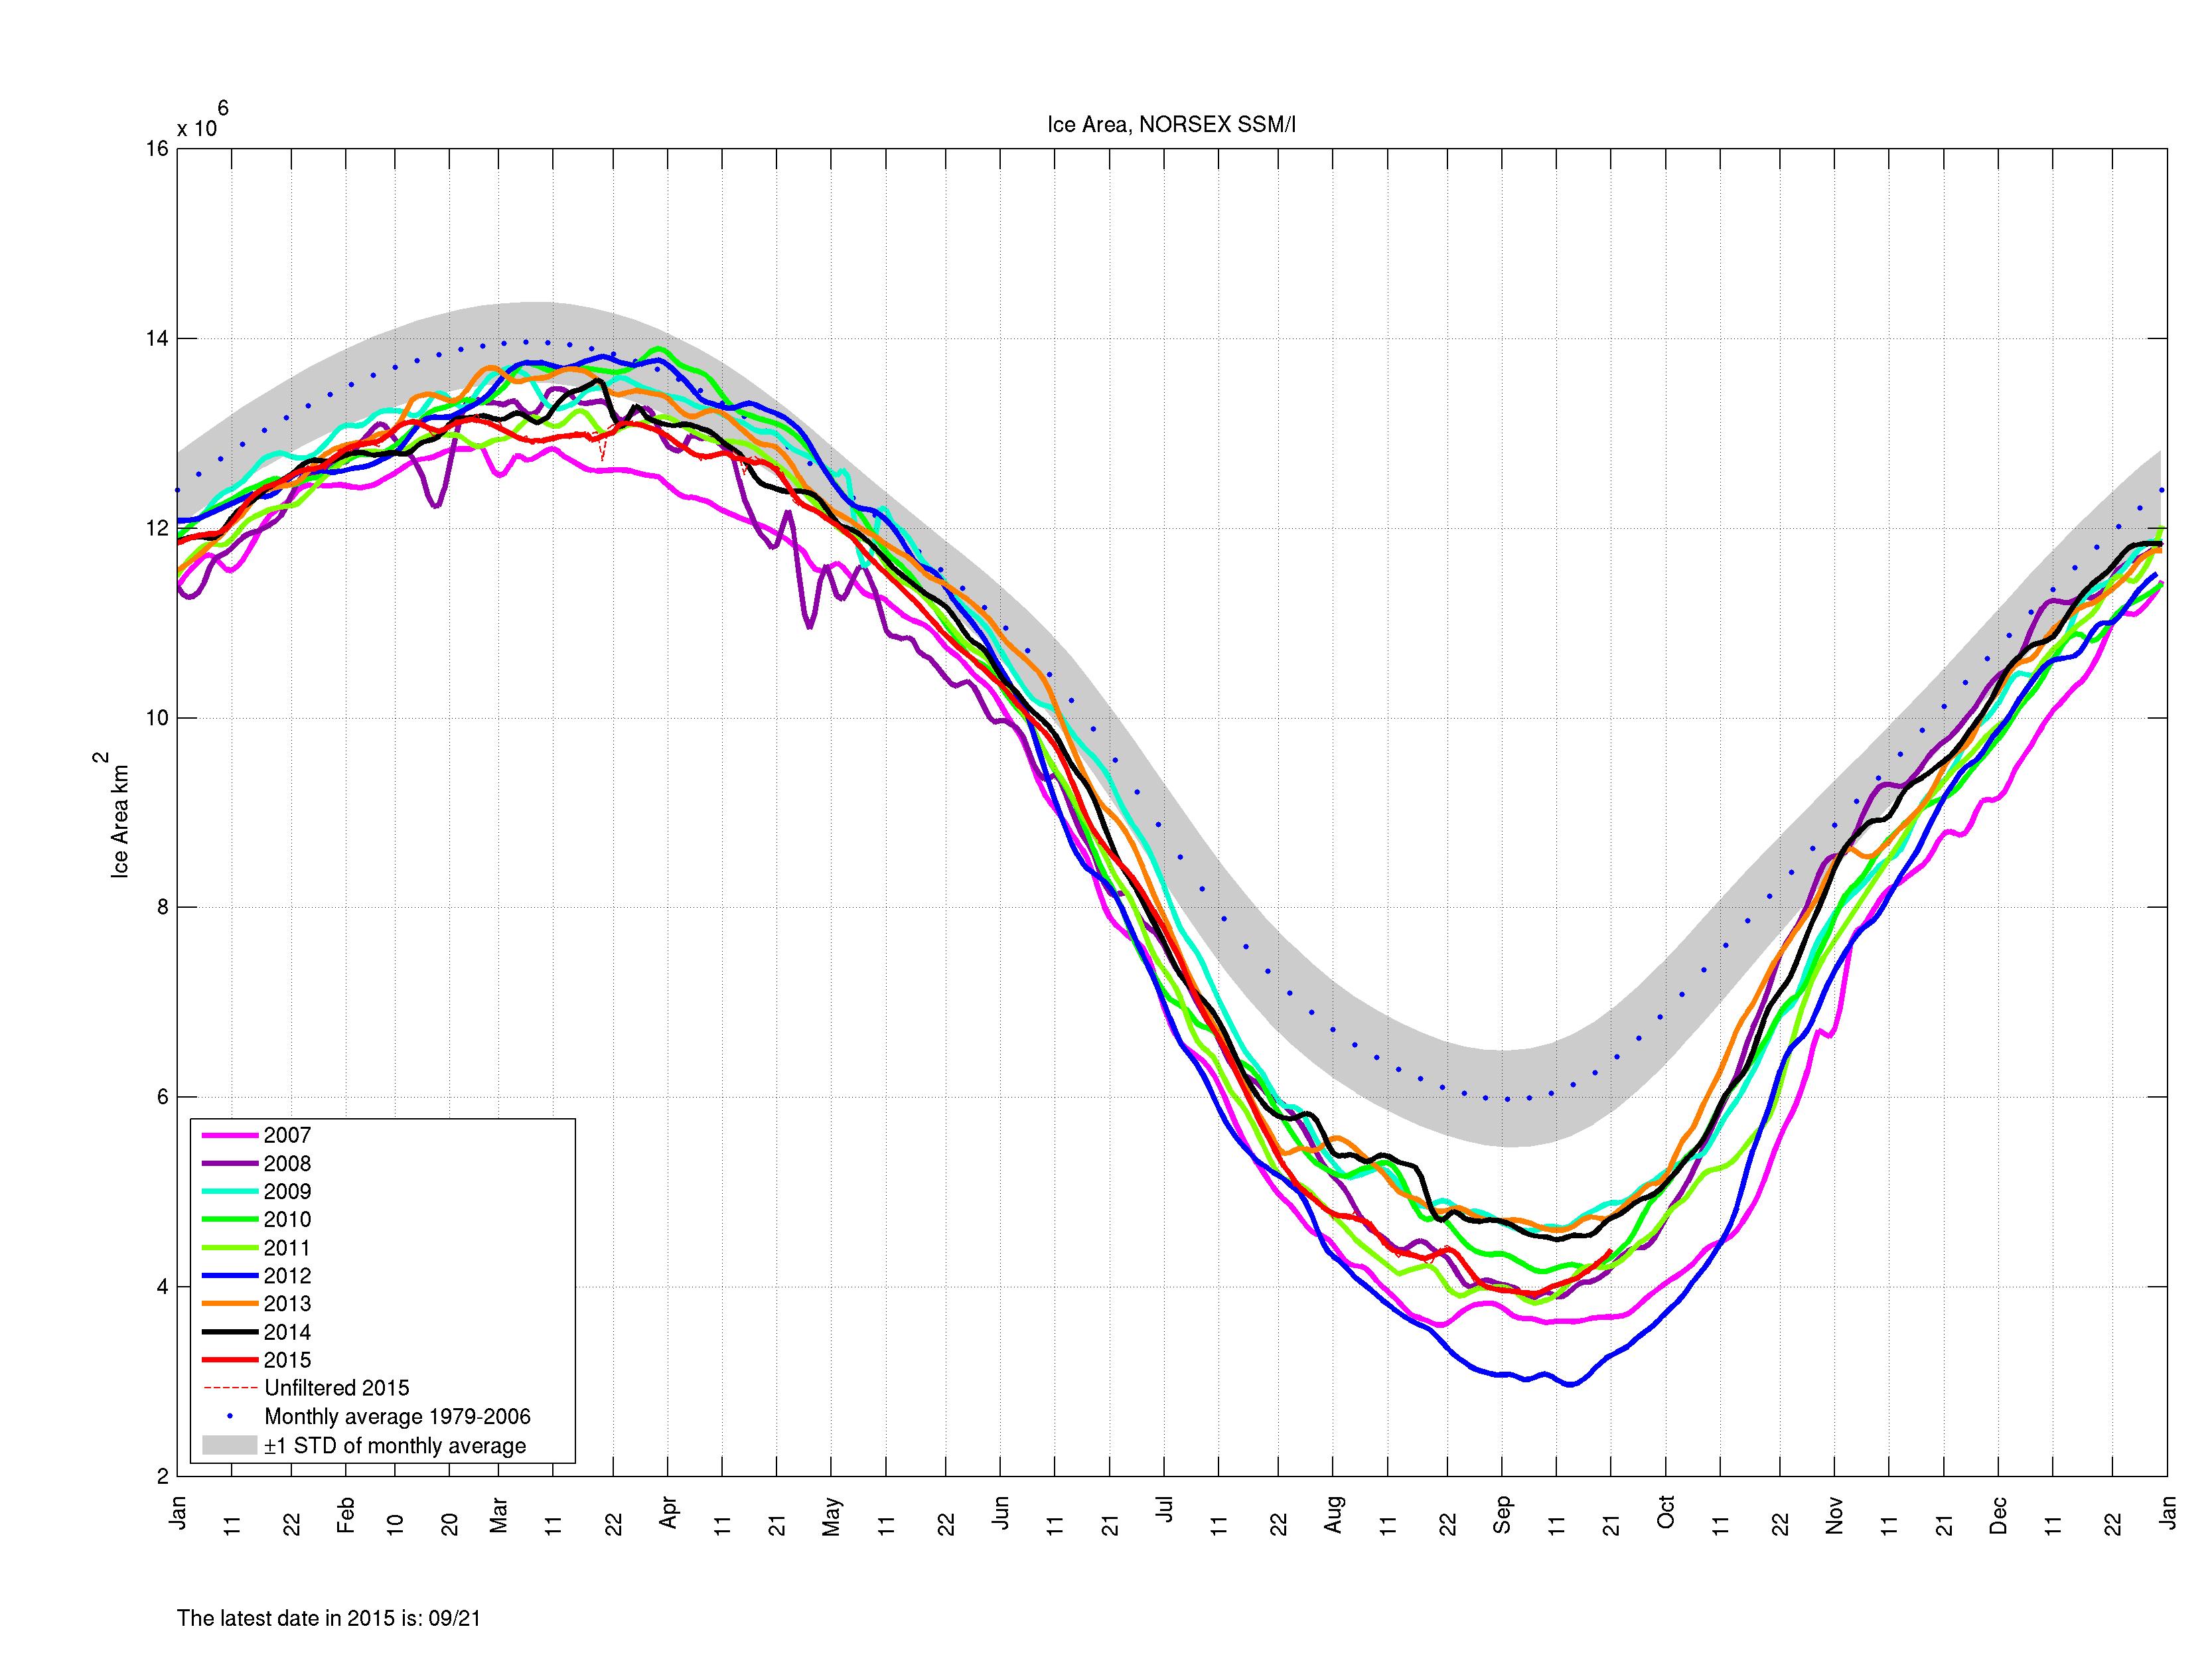 Sesongvariasjoner av sjøis arealet i Arktis kartlagt med mikrobølge radiometer data fra satellitter. Den rød kurven representerer endringene av sjøisarealet i 2015. Kilde: www.arctic-roos.org